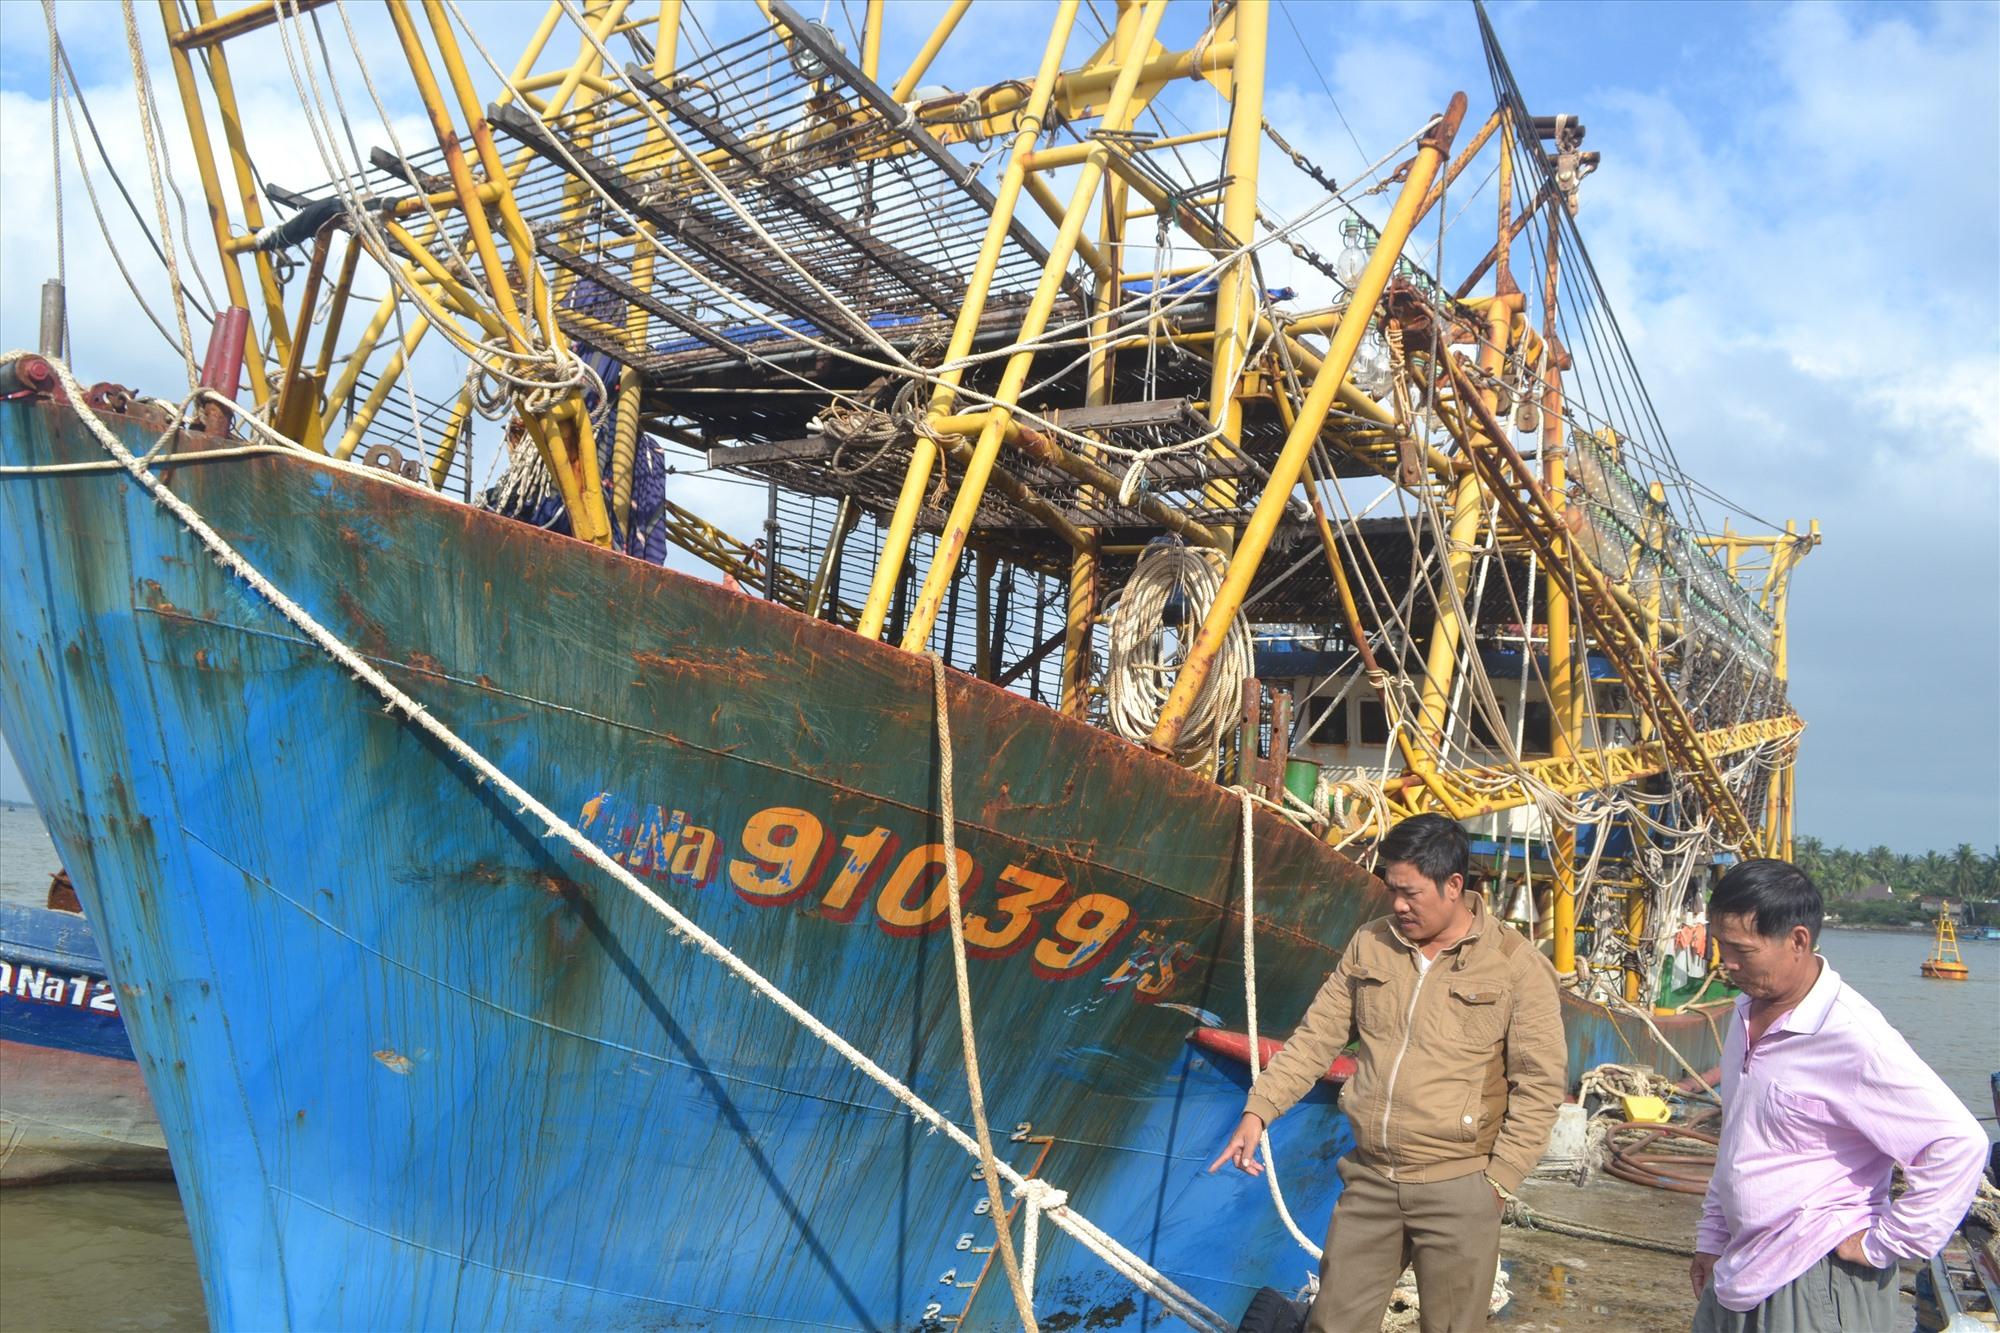 Ngư dân Nguyễn Văn Hùng cho biết tàu vỏ thép đã xuống cấp, rất cần được hỗ trợ duy tu, bảo dưỡng để vươn khơi sản xuất. Ảnh: VIỆT NGUYỄN